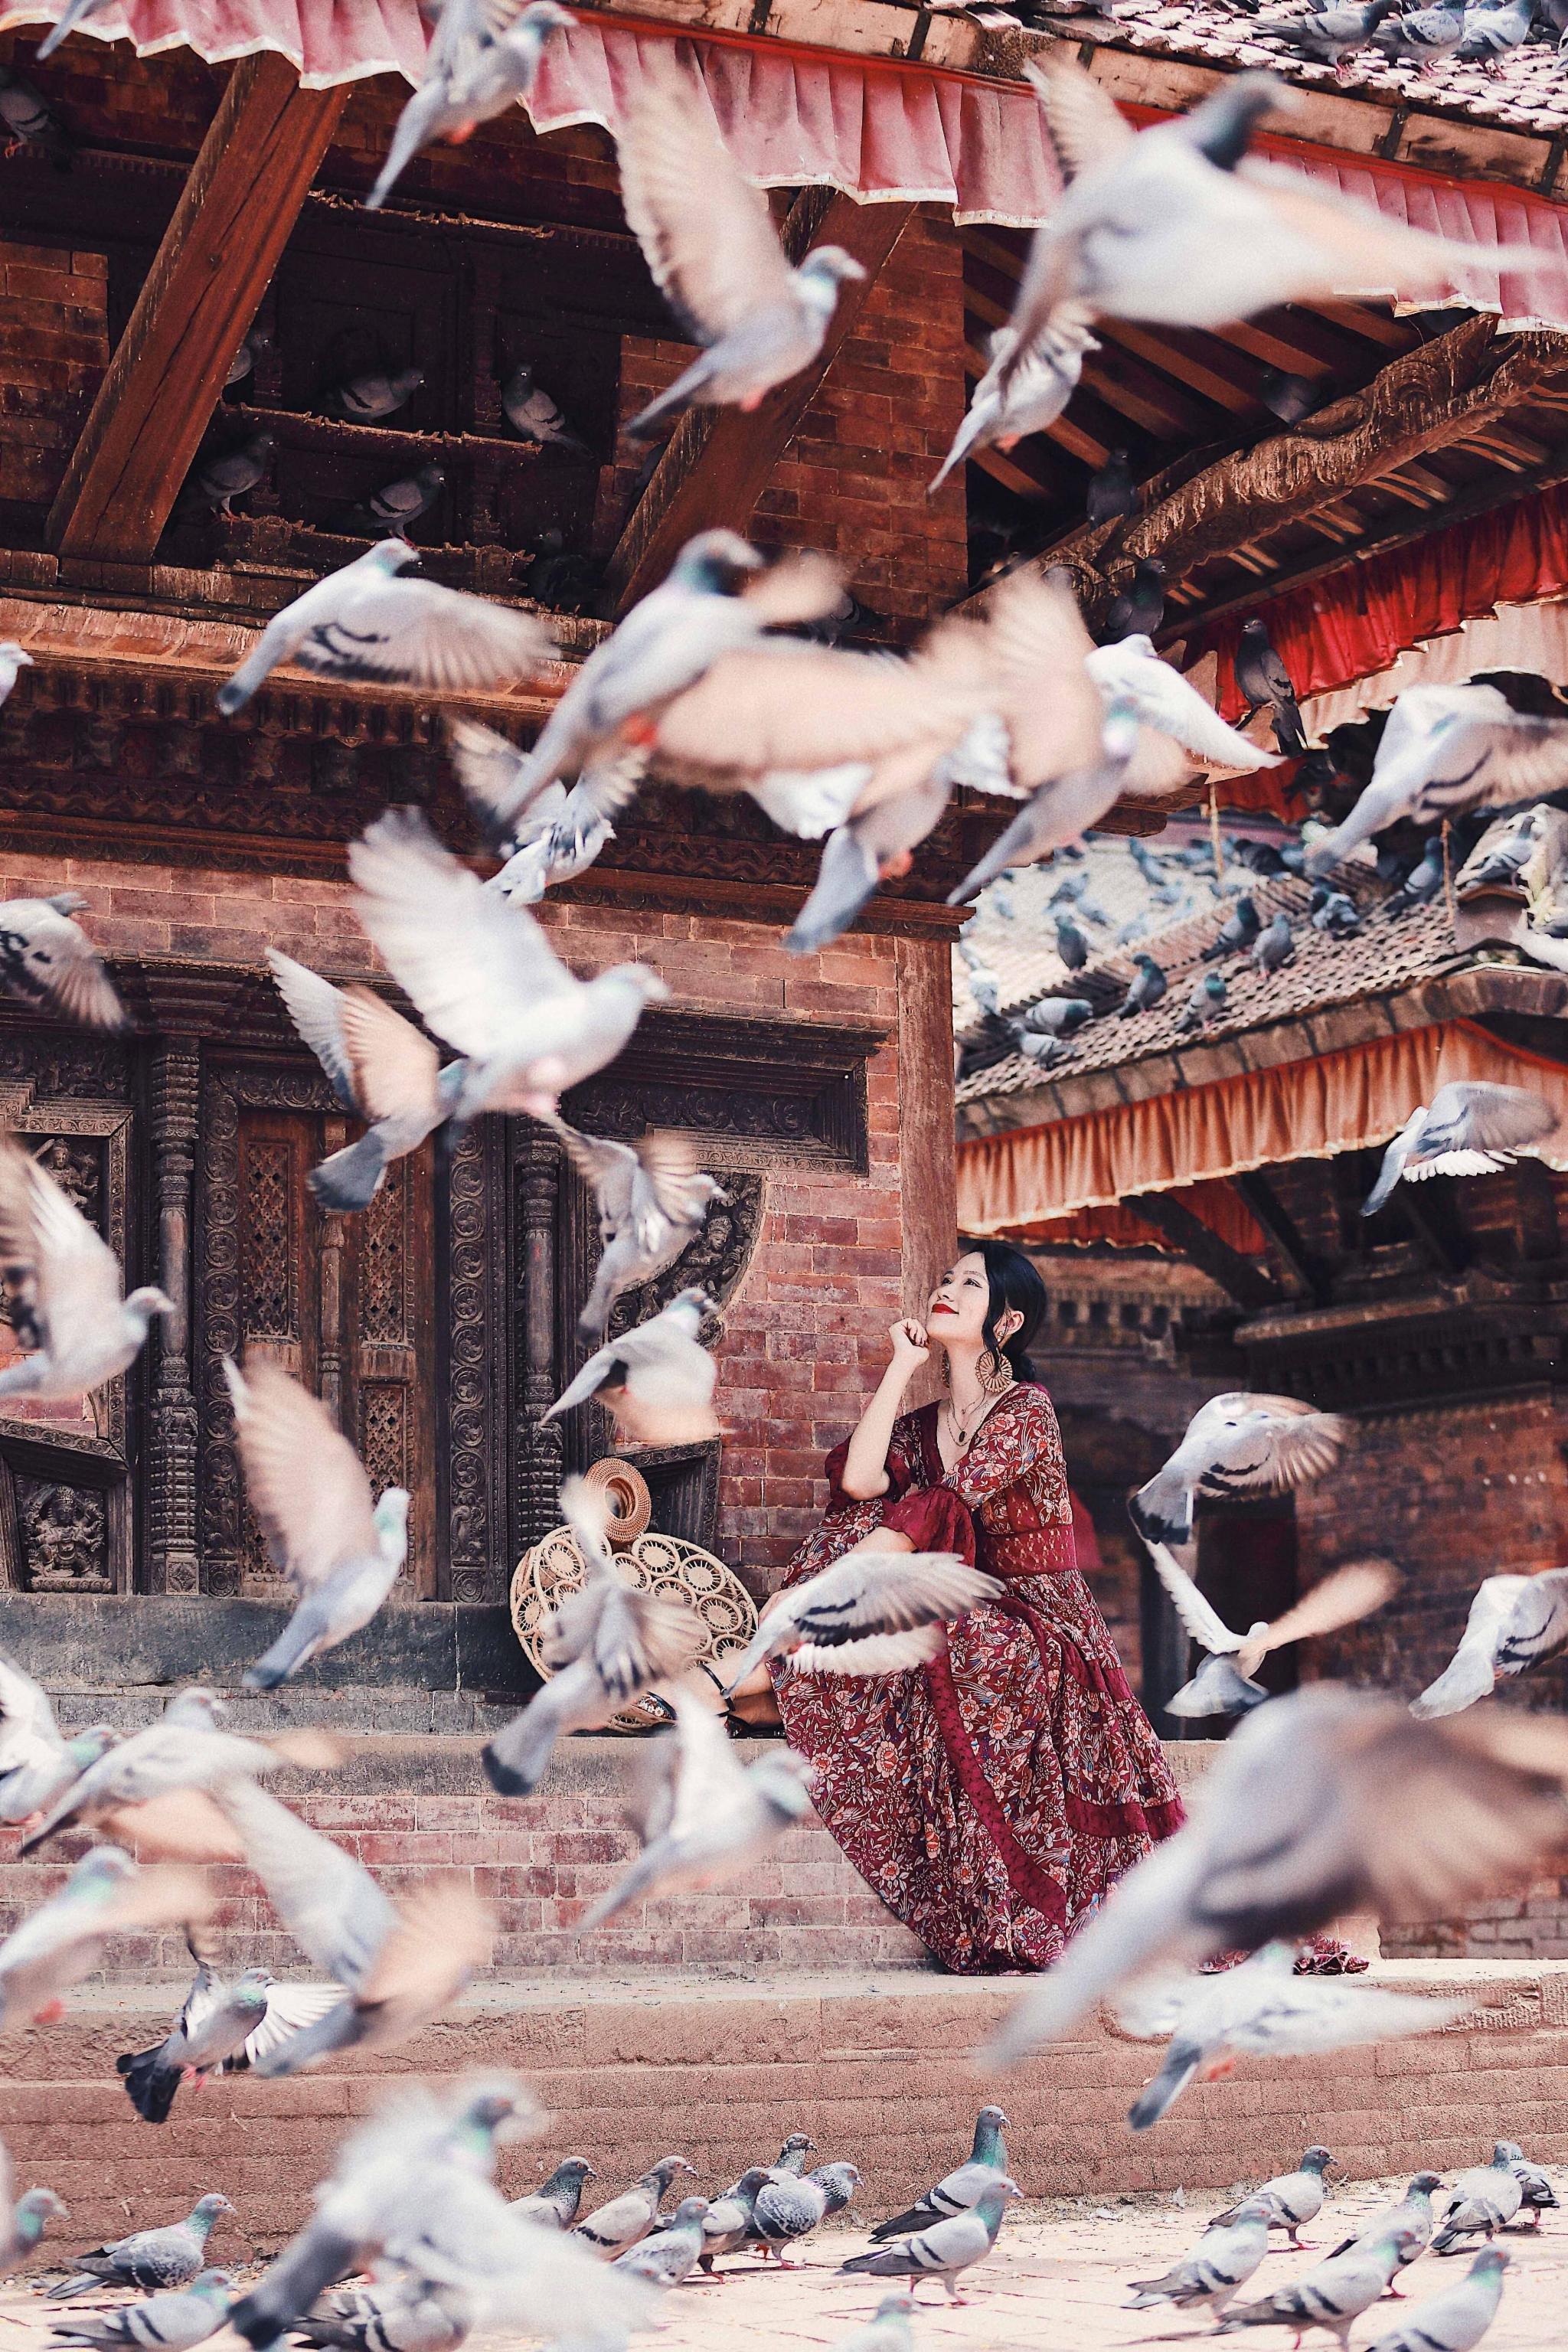 在尼泊尔,我有照片,你想听故事吗